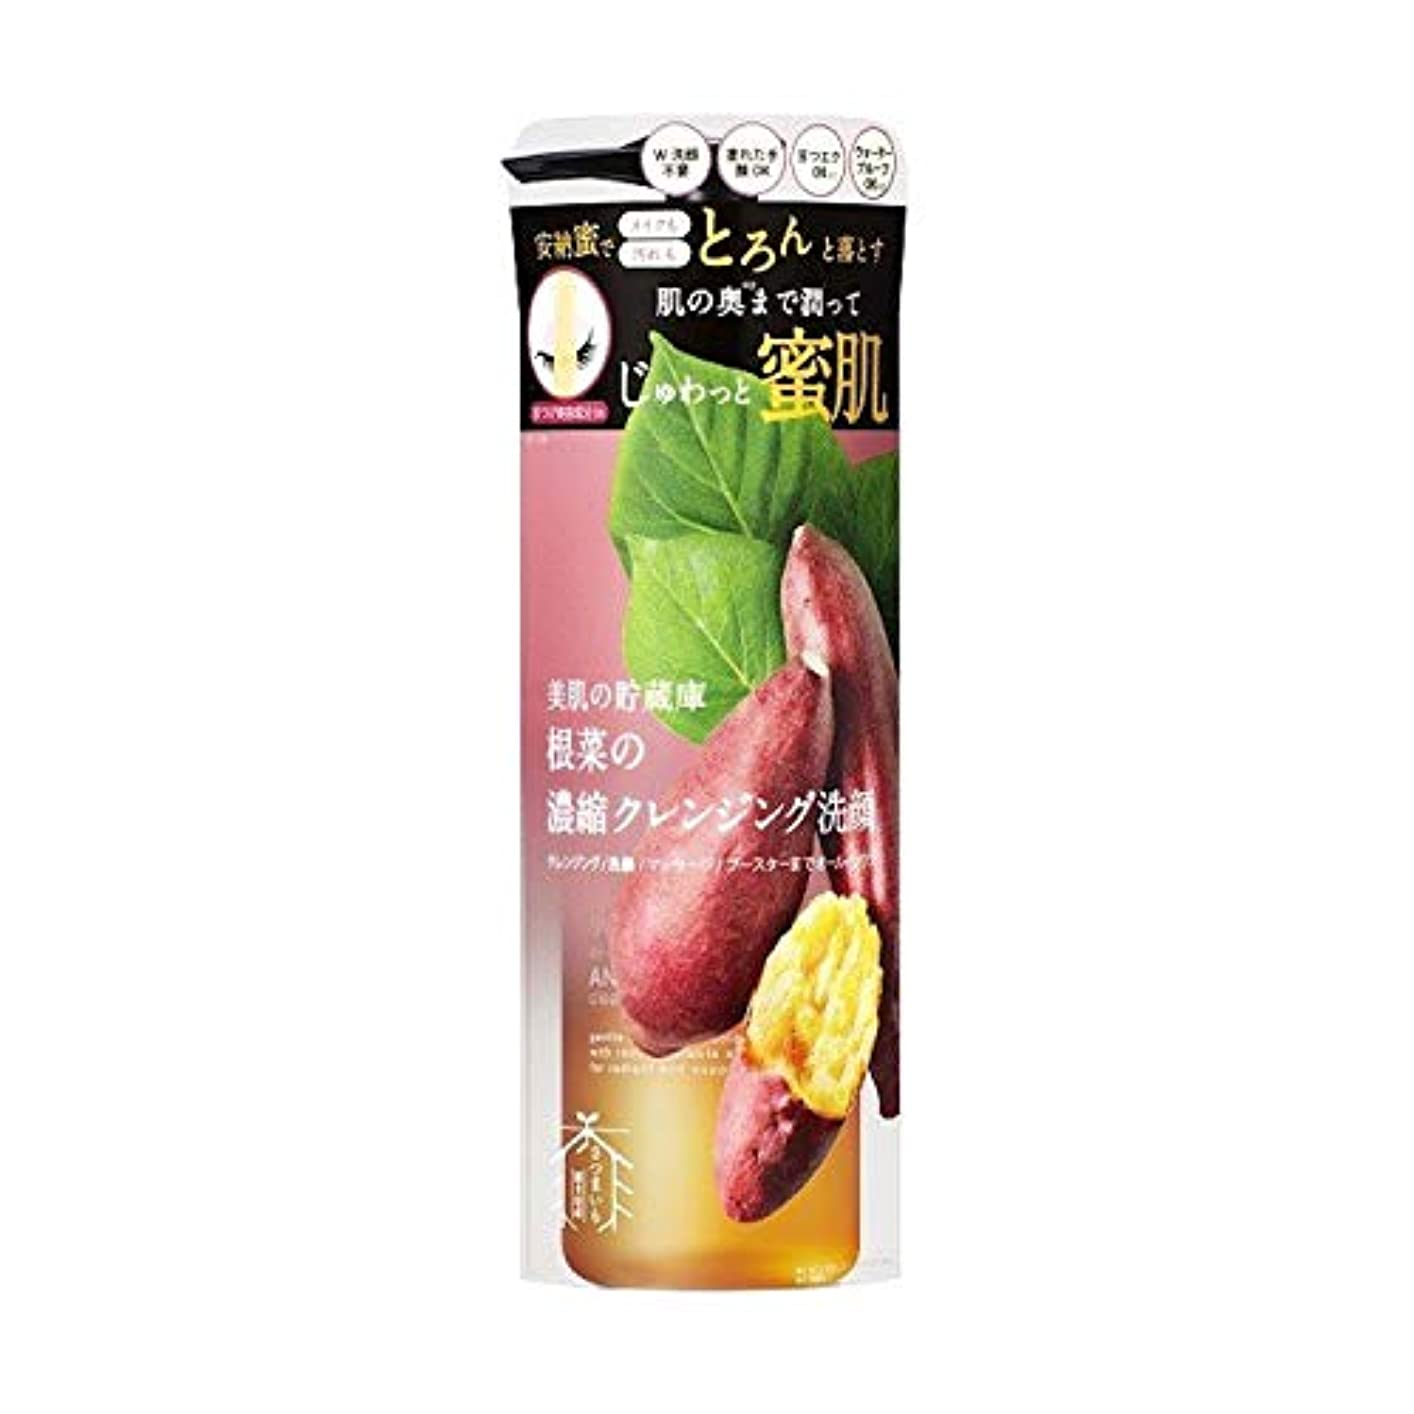 一瞬とティームジョージエリオット@cosme nippon 美肌の貯蔵庫 根菜の濃縮クレンジング洗顔 安納いも 200ml